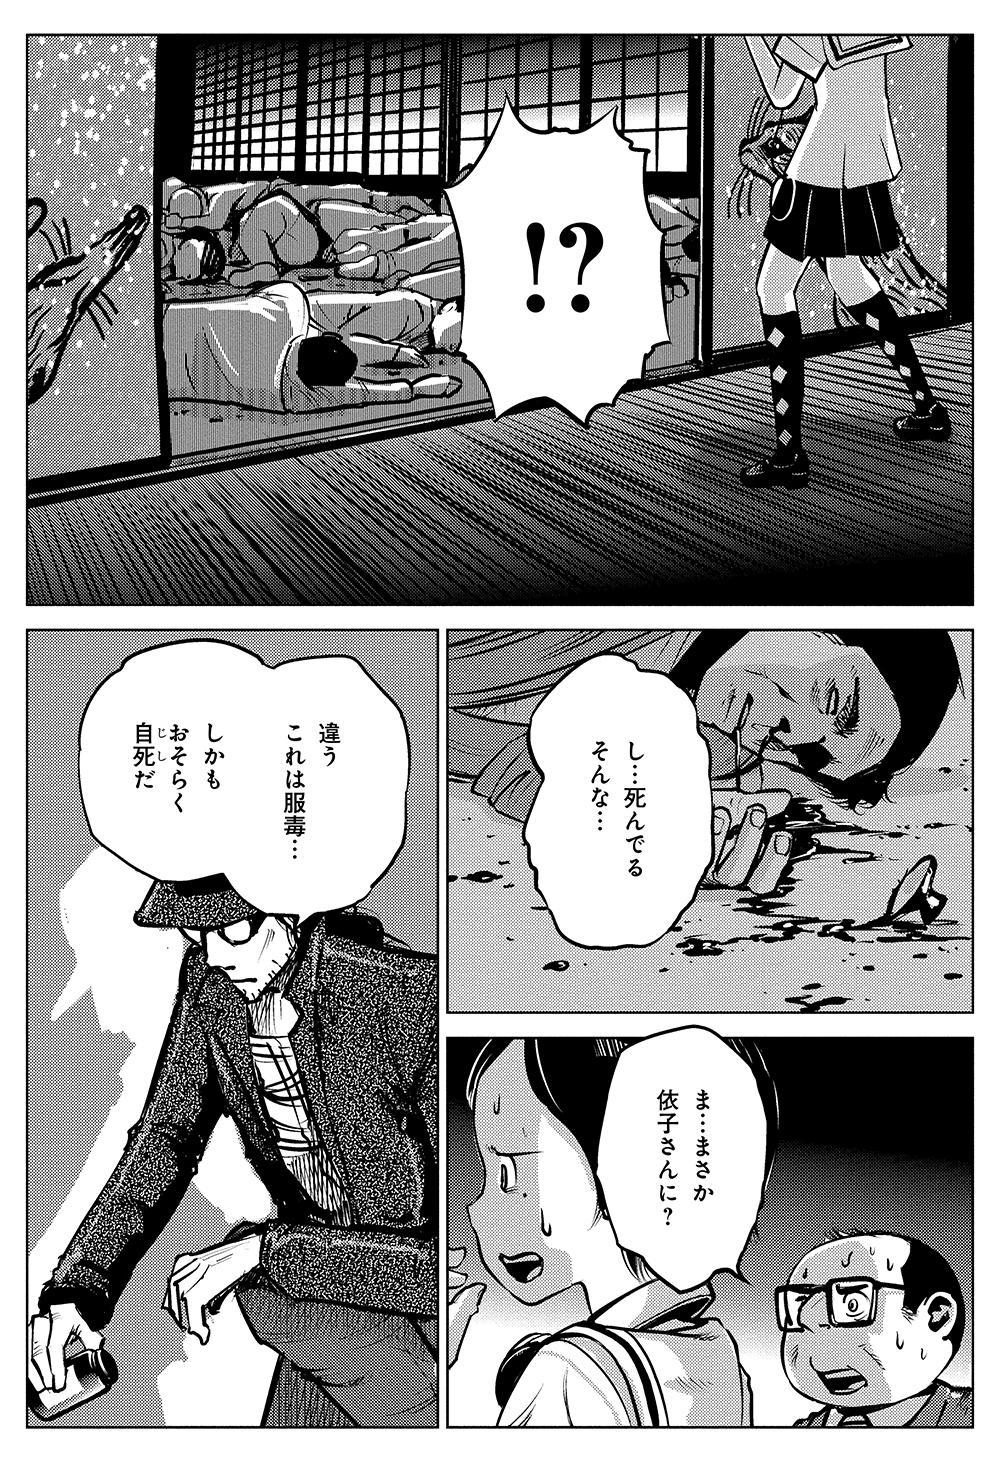 ことなかれ 第3話「革仔玉」②kotonakare01-24.jpg